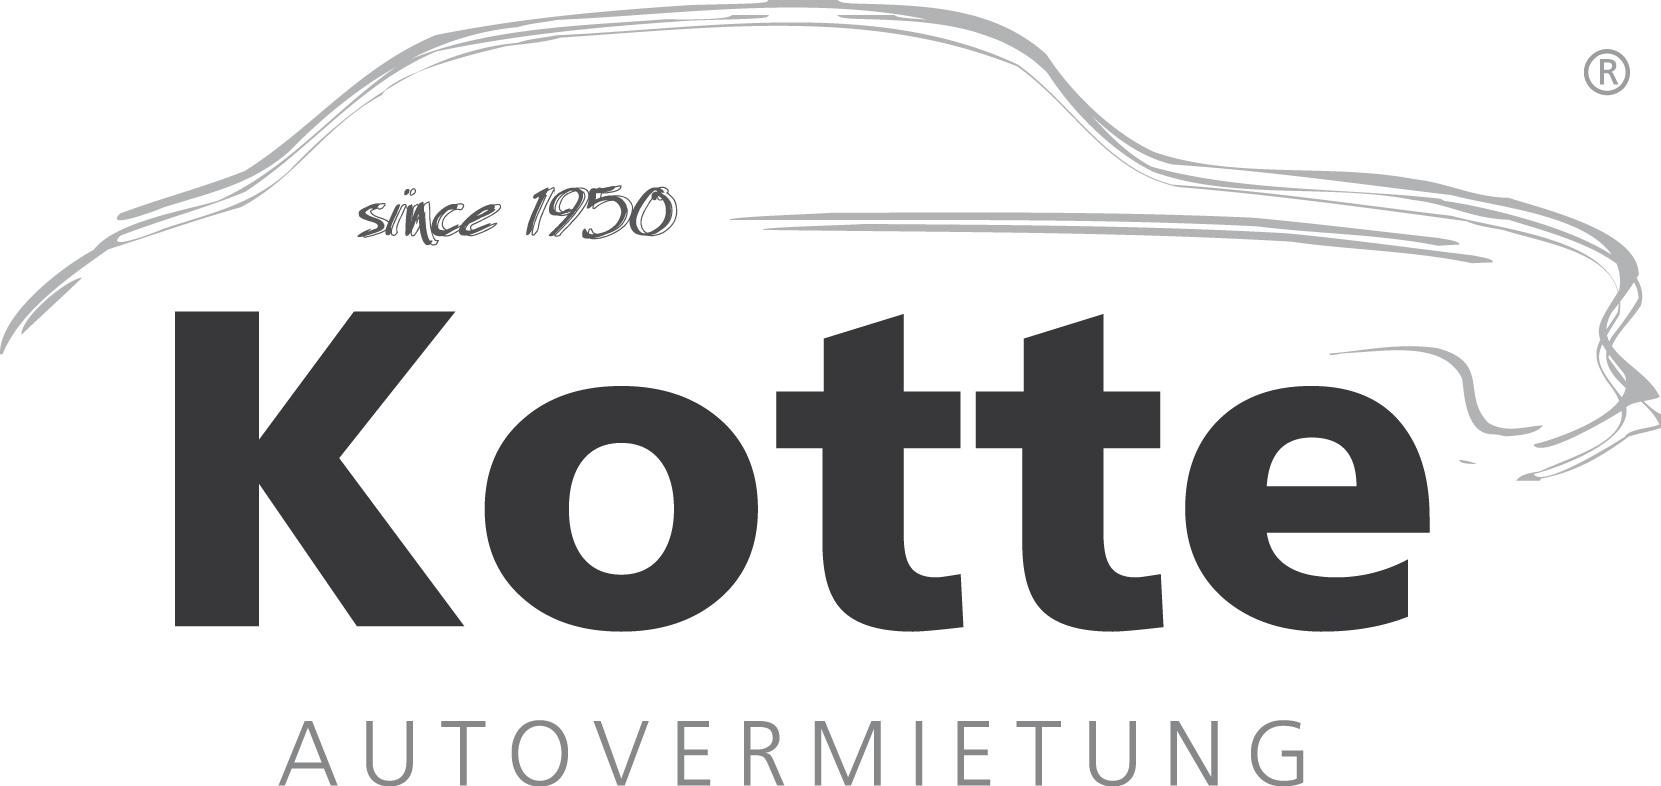 Autovermietung W.Kotte GmbH